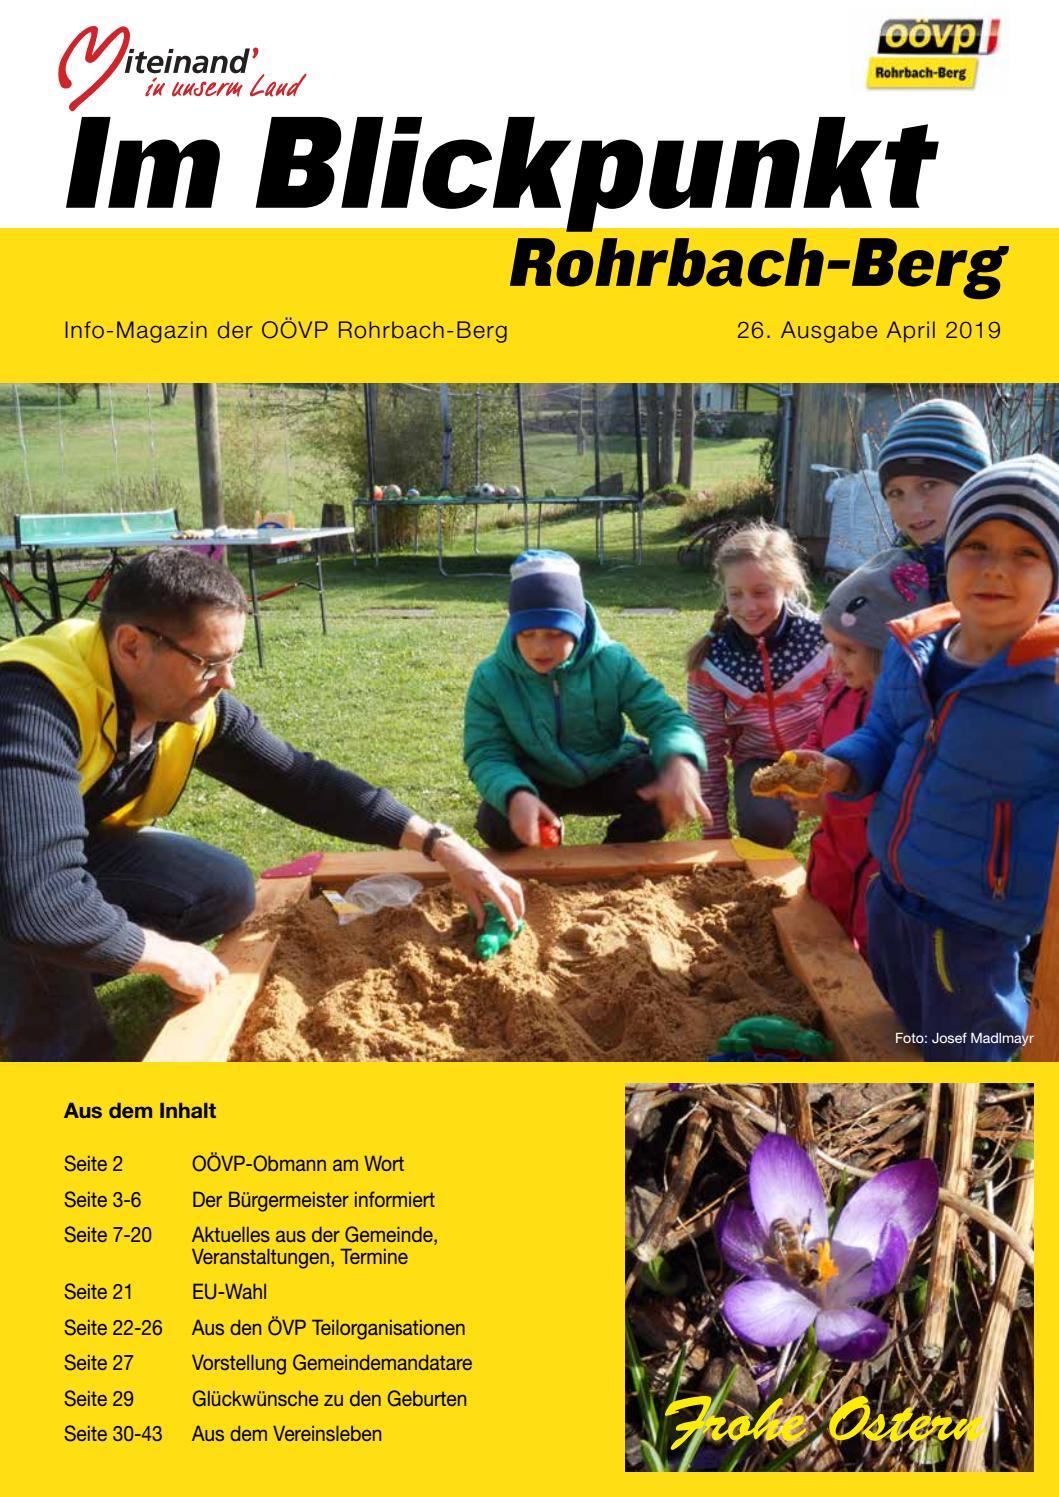 Eltern- und Kinderangebote - Frauennetzwerk Rohrbach